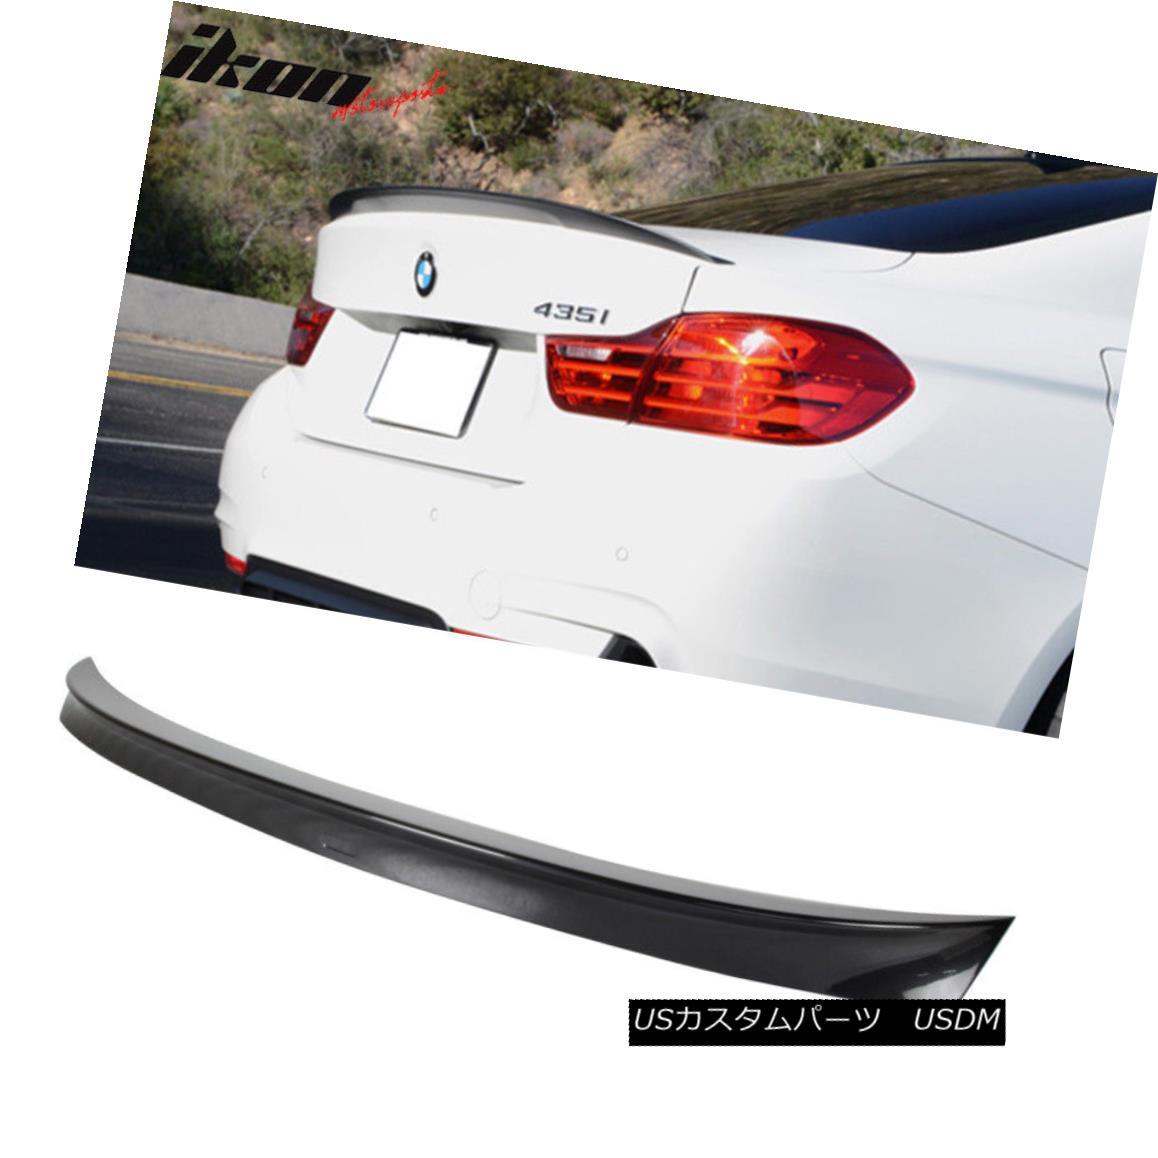 エアロパーツ Fit 14-17 F32 Coupe Performance Trunk Spoiler Painted #B39 Mineral Gray Metallic フィット14-17 F32クーペパフォーマンストランク・スポイラー#B39ミネラル・グレー・メタリック